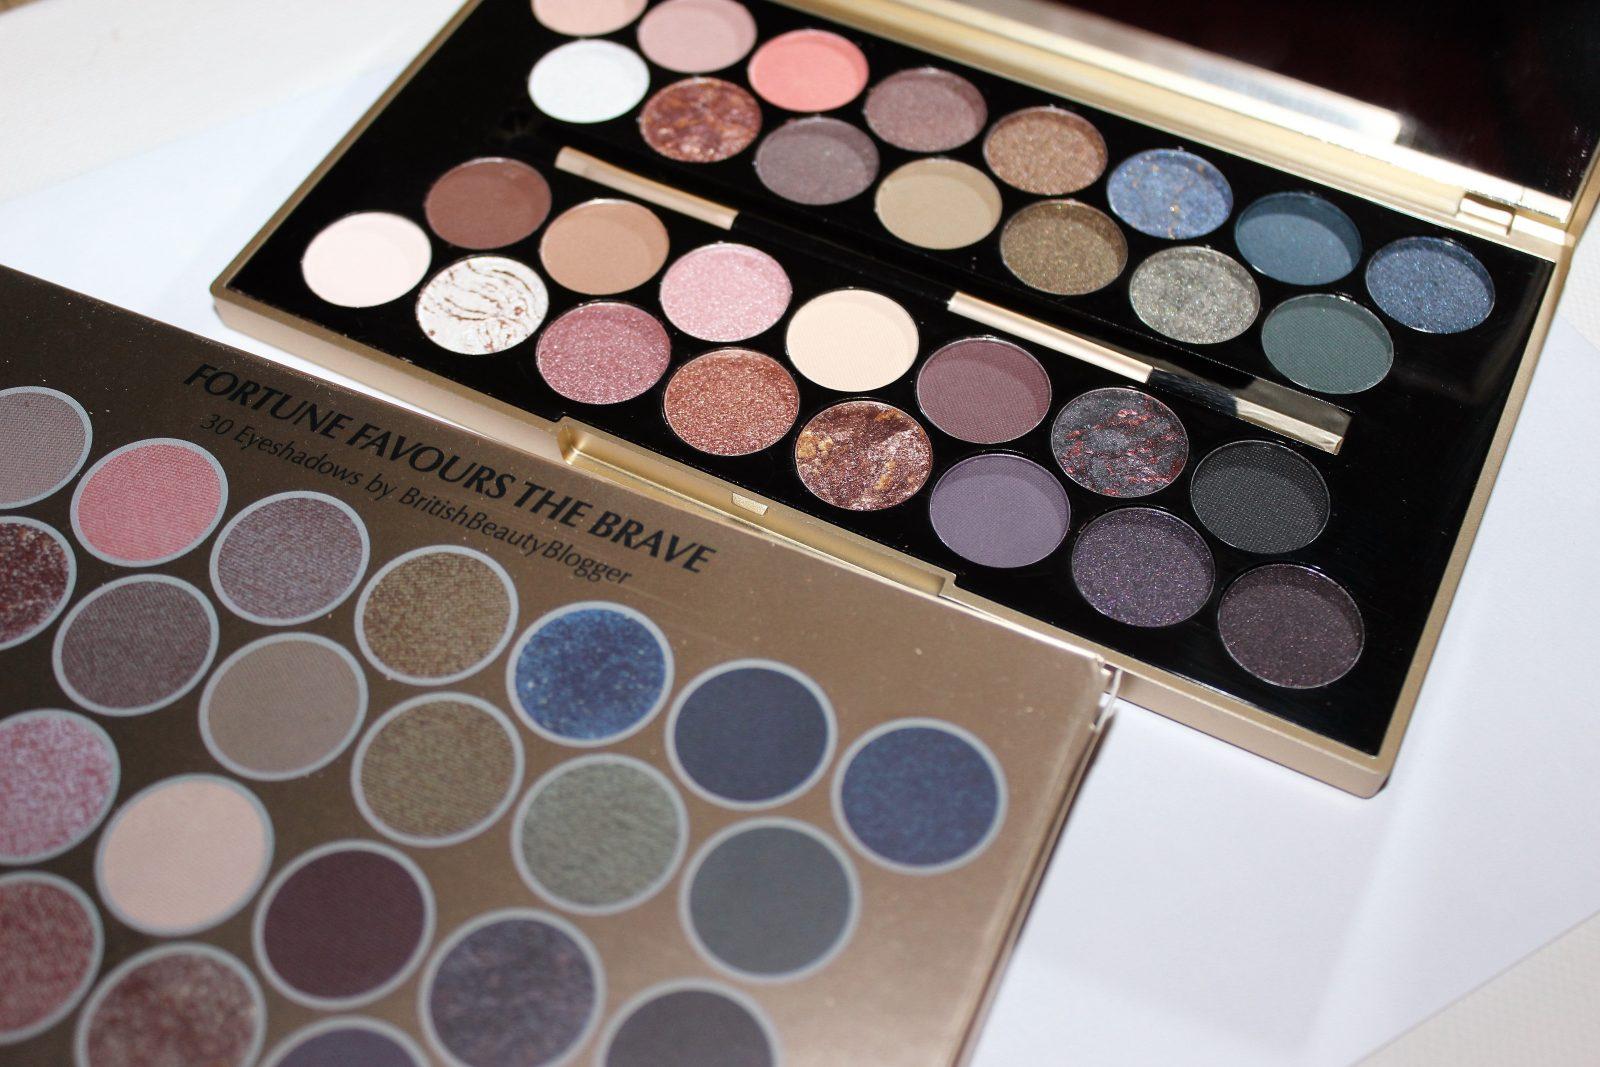 Makeup revolution london fortune favours the brave palette